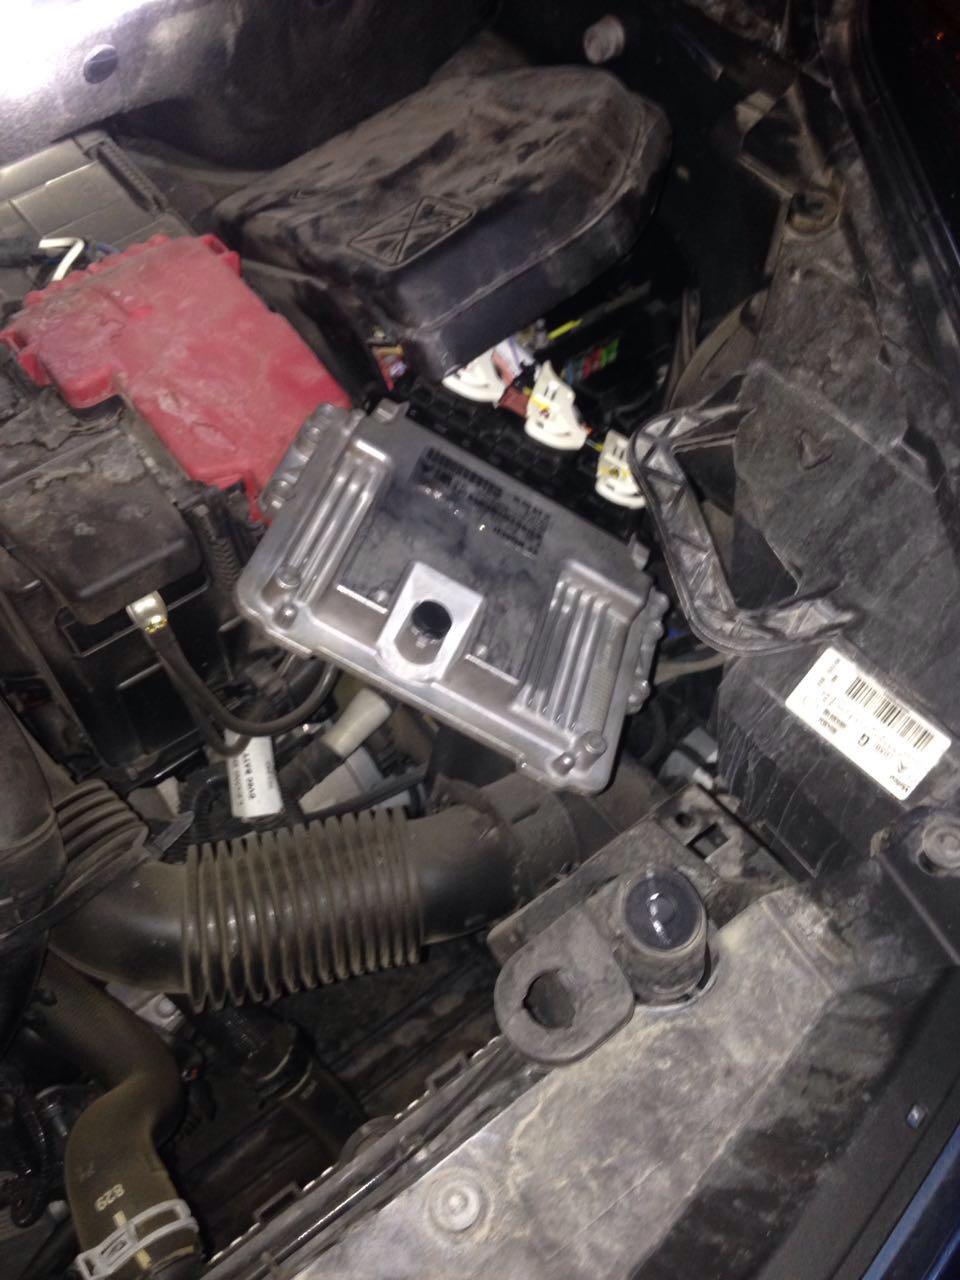 מחשב רכב מחובר למנוע: המלבן הכסוף הוא מחשב רכב לאותו סוג רכב אותו מבקשים לגנוב ובכך עוקפים את כל מערכות ההנעה המקוריות שלו ותוך מספר שניות.